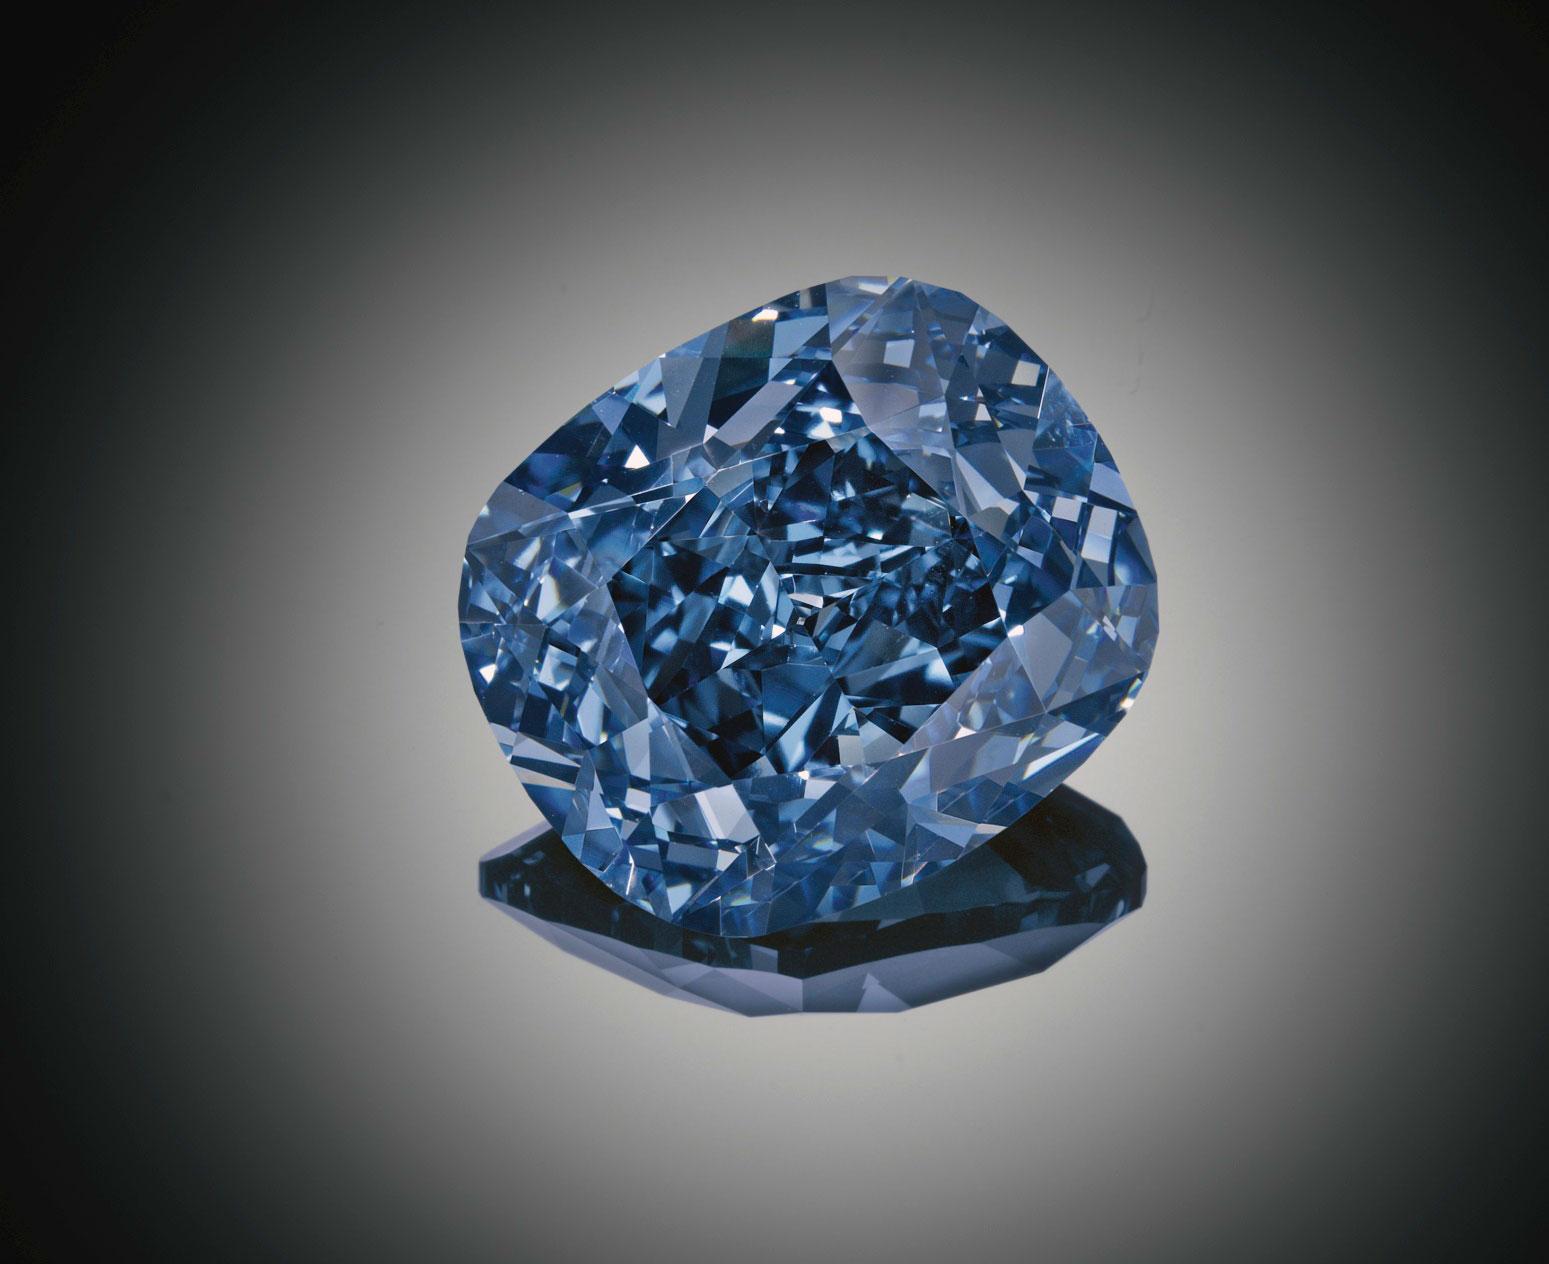 этом музее голубая эмма бриллиант фото фотограф